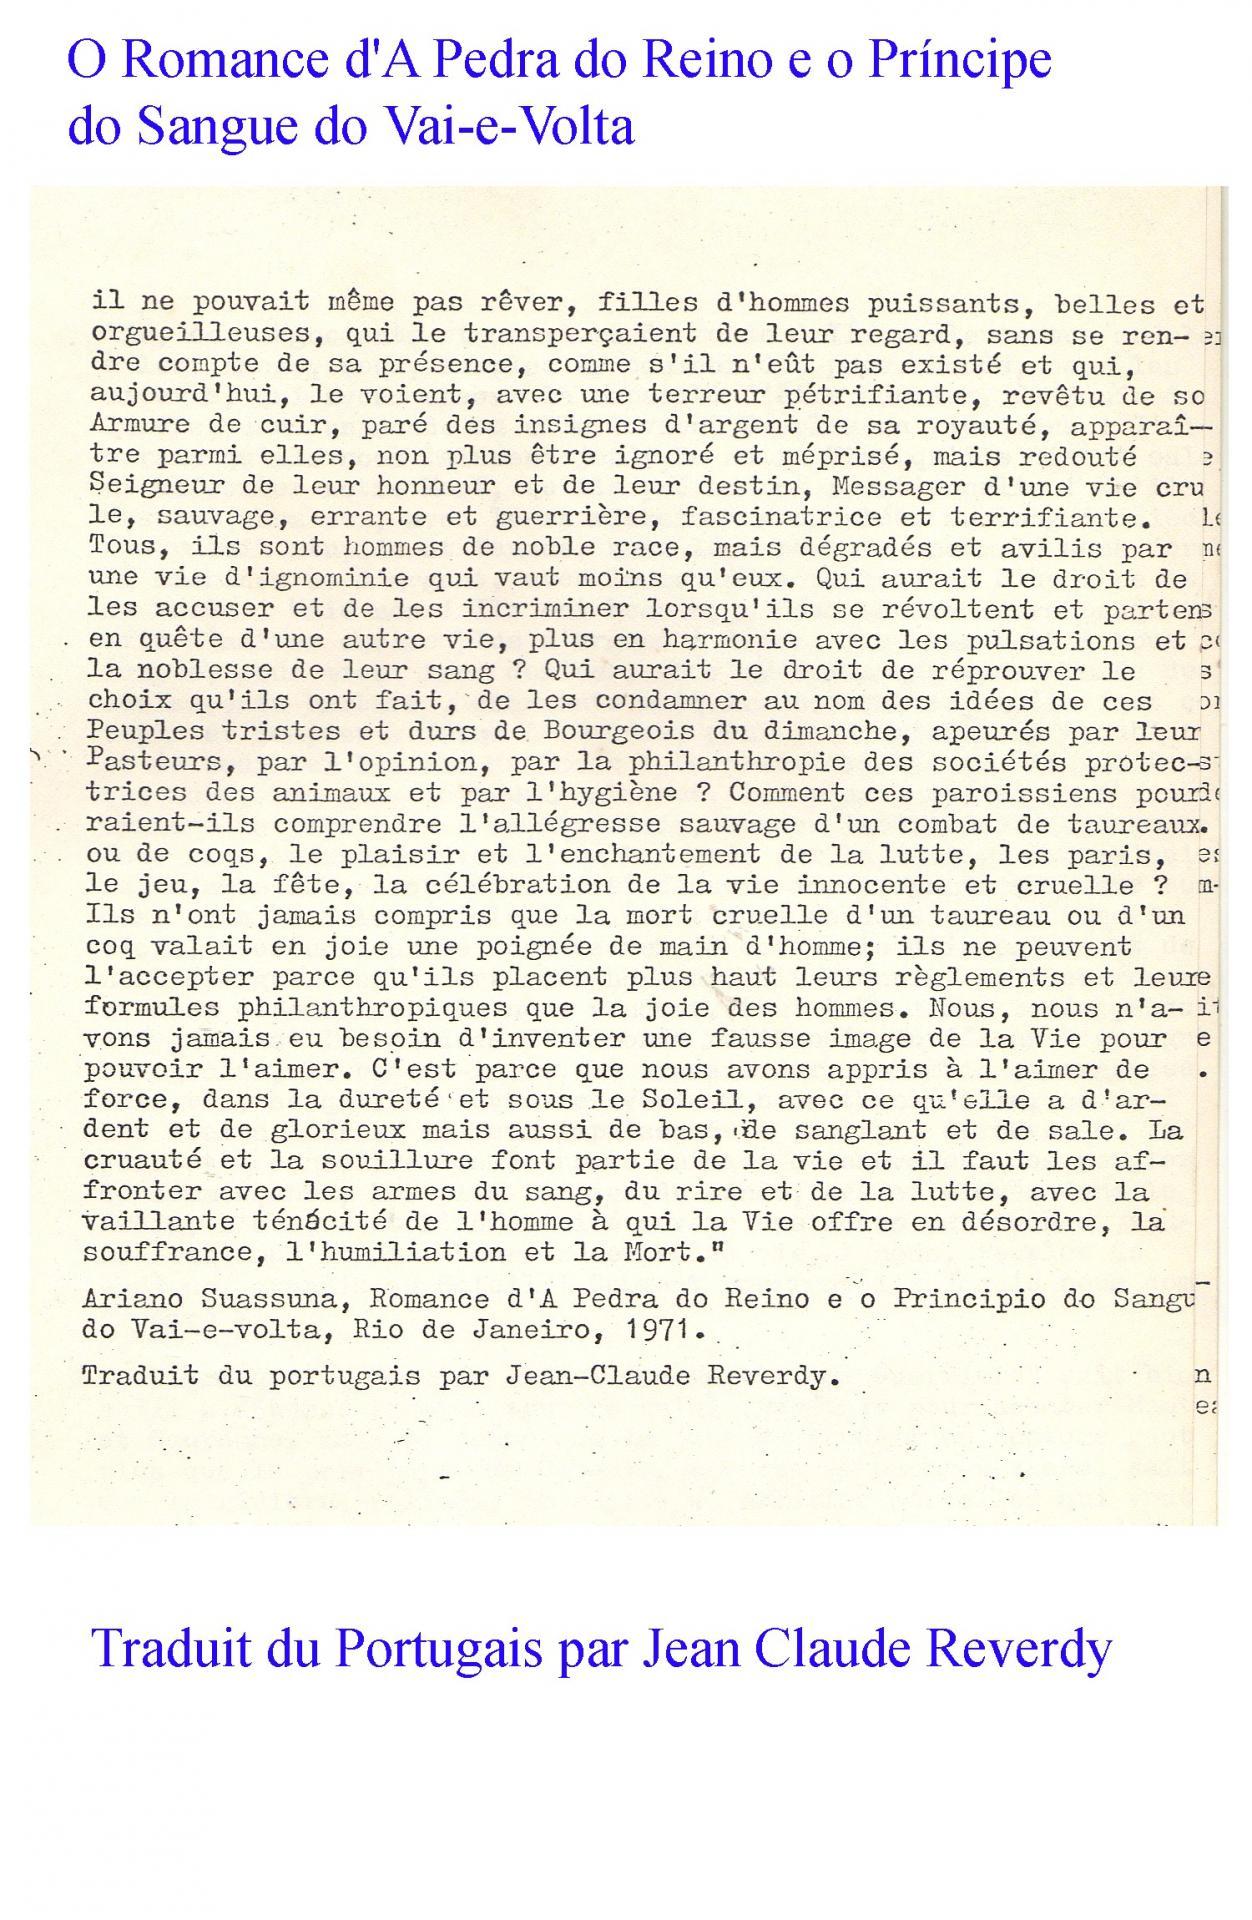 1980 reverdy page 2 adobe k